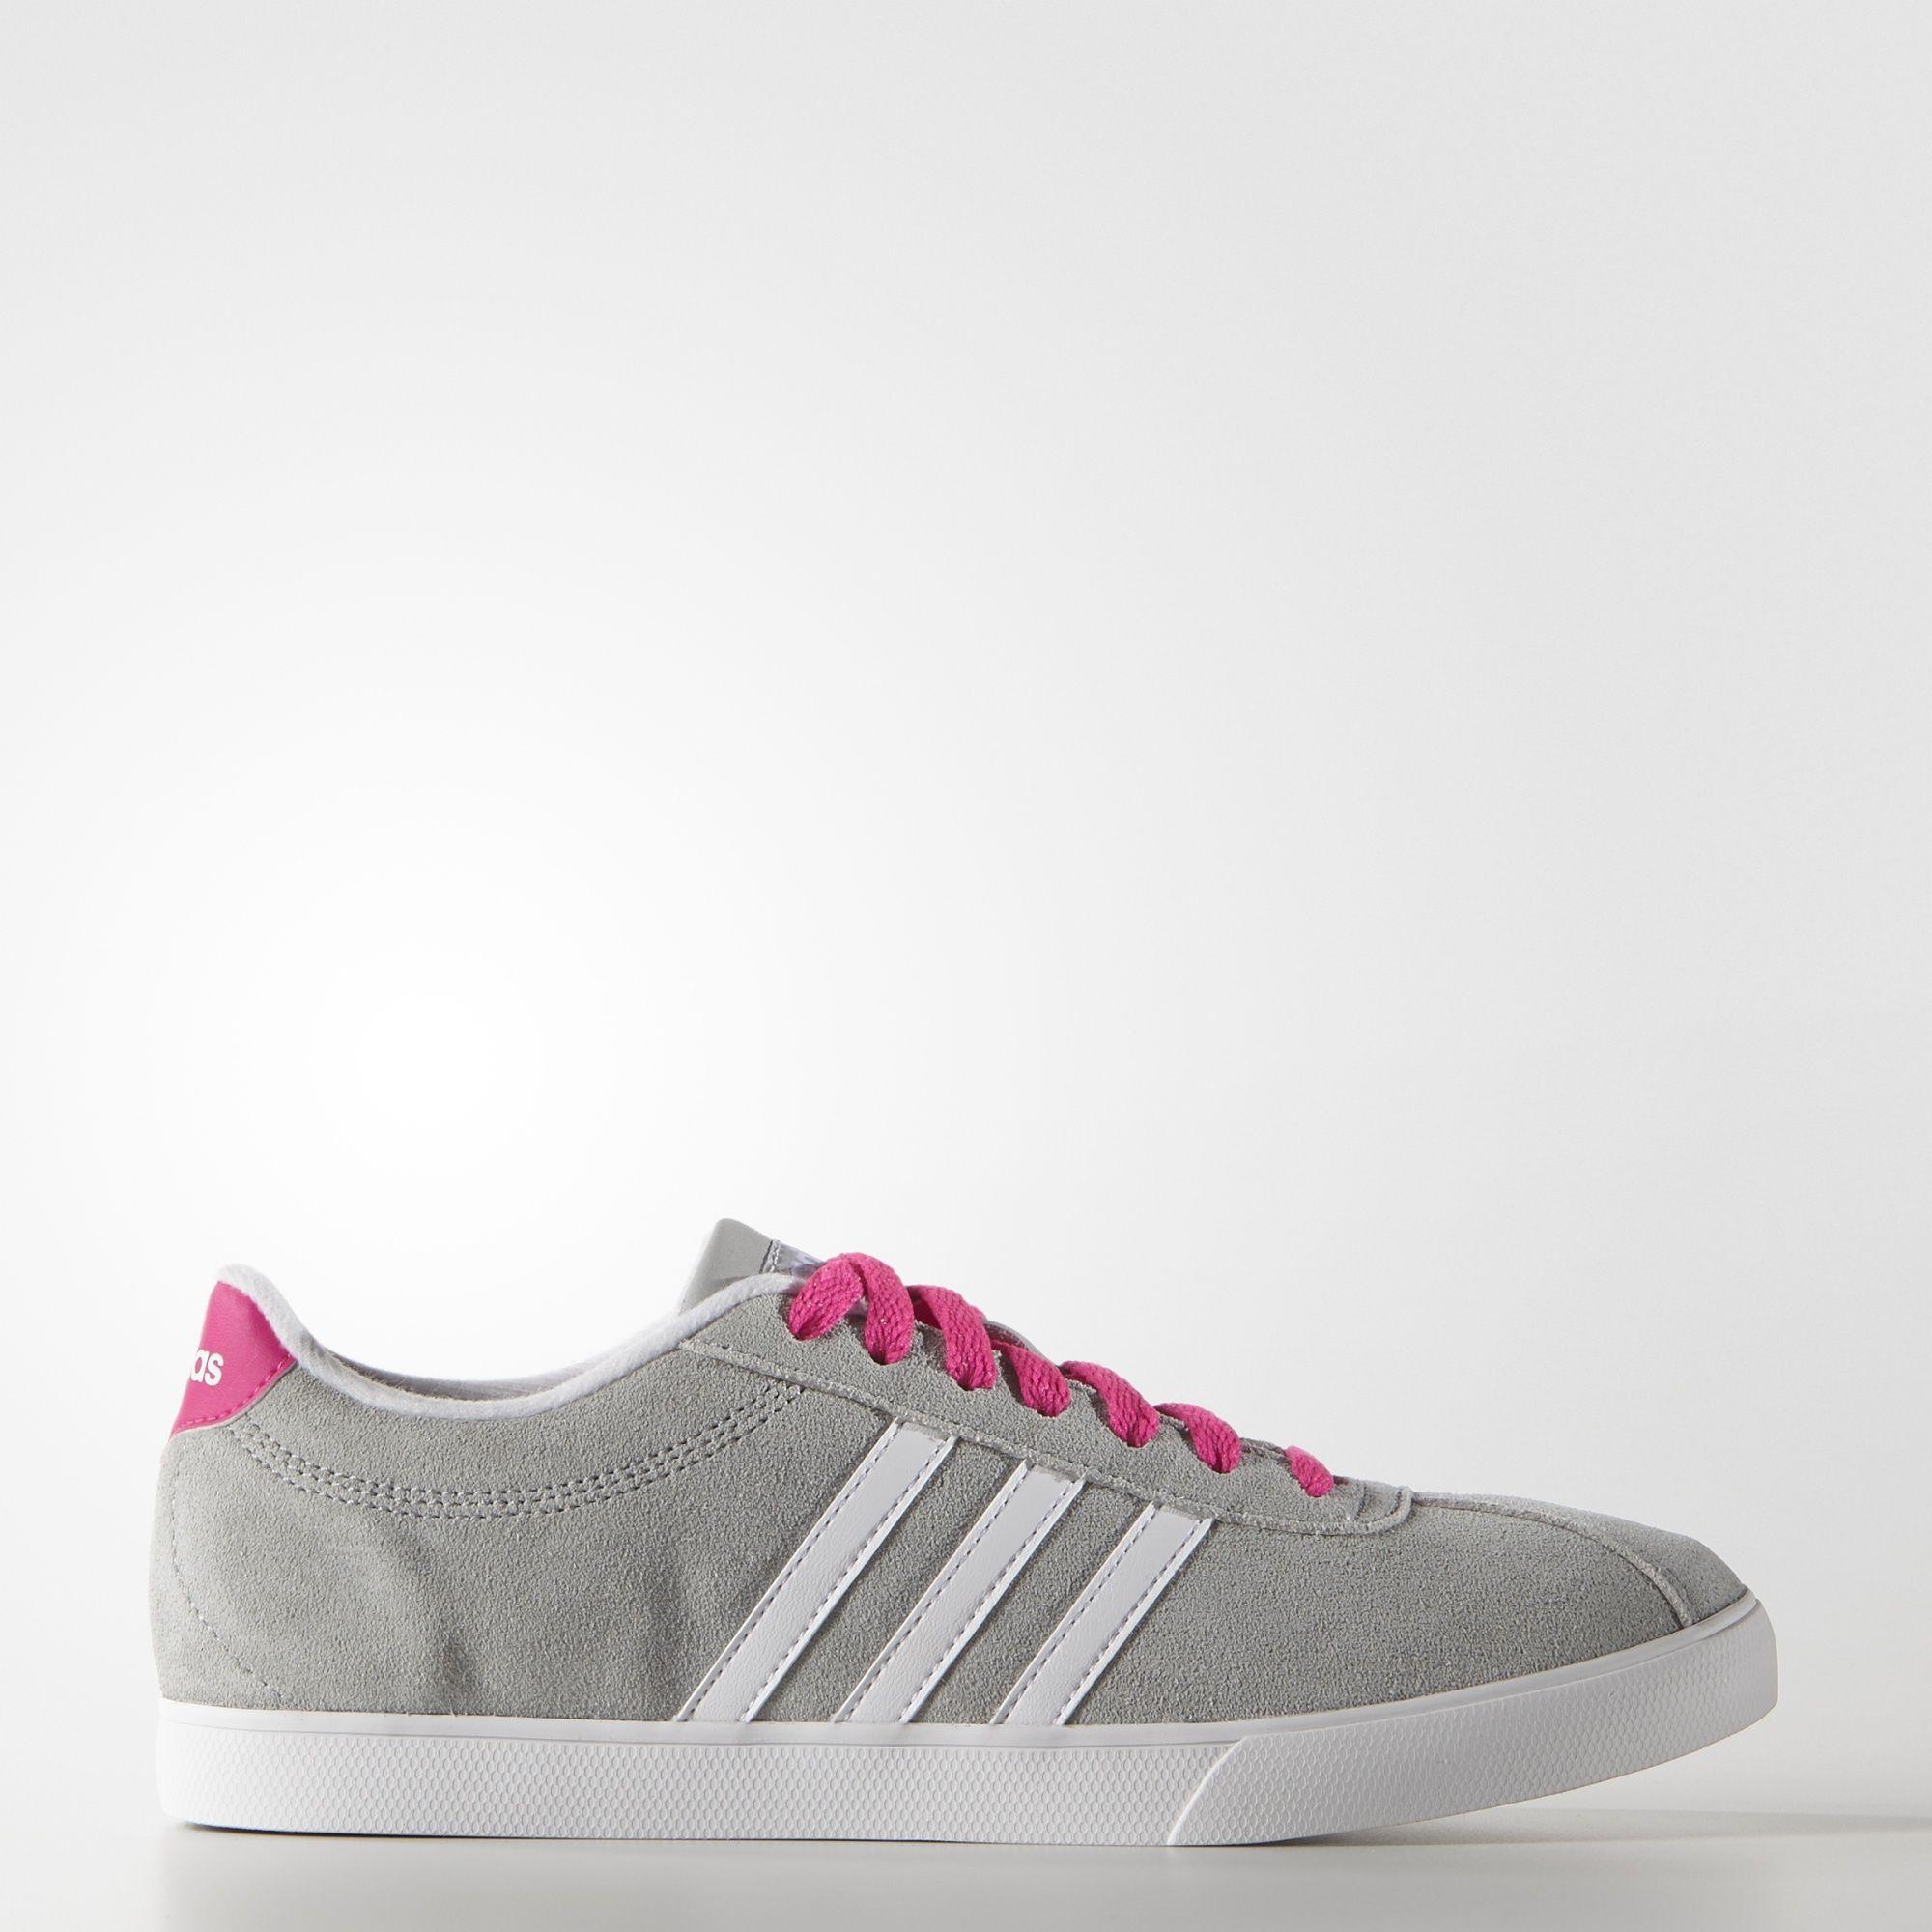 adidas - Courtset Shoes